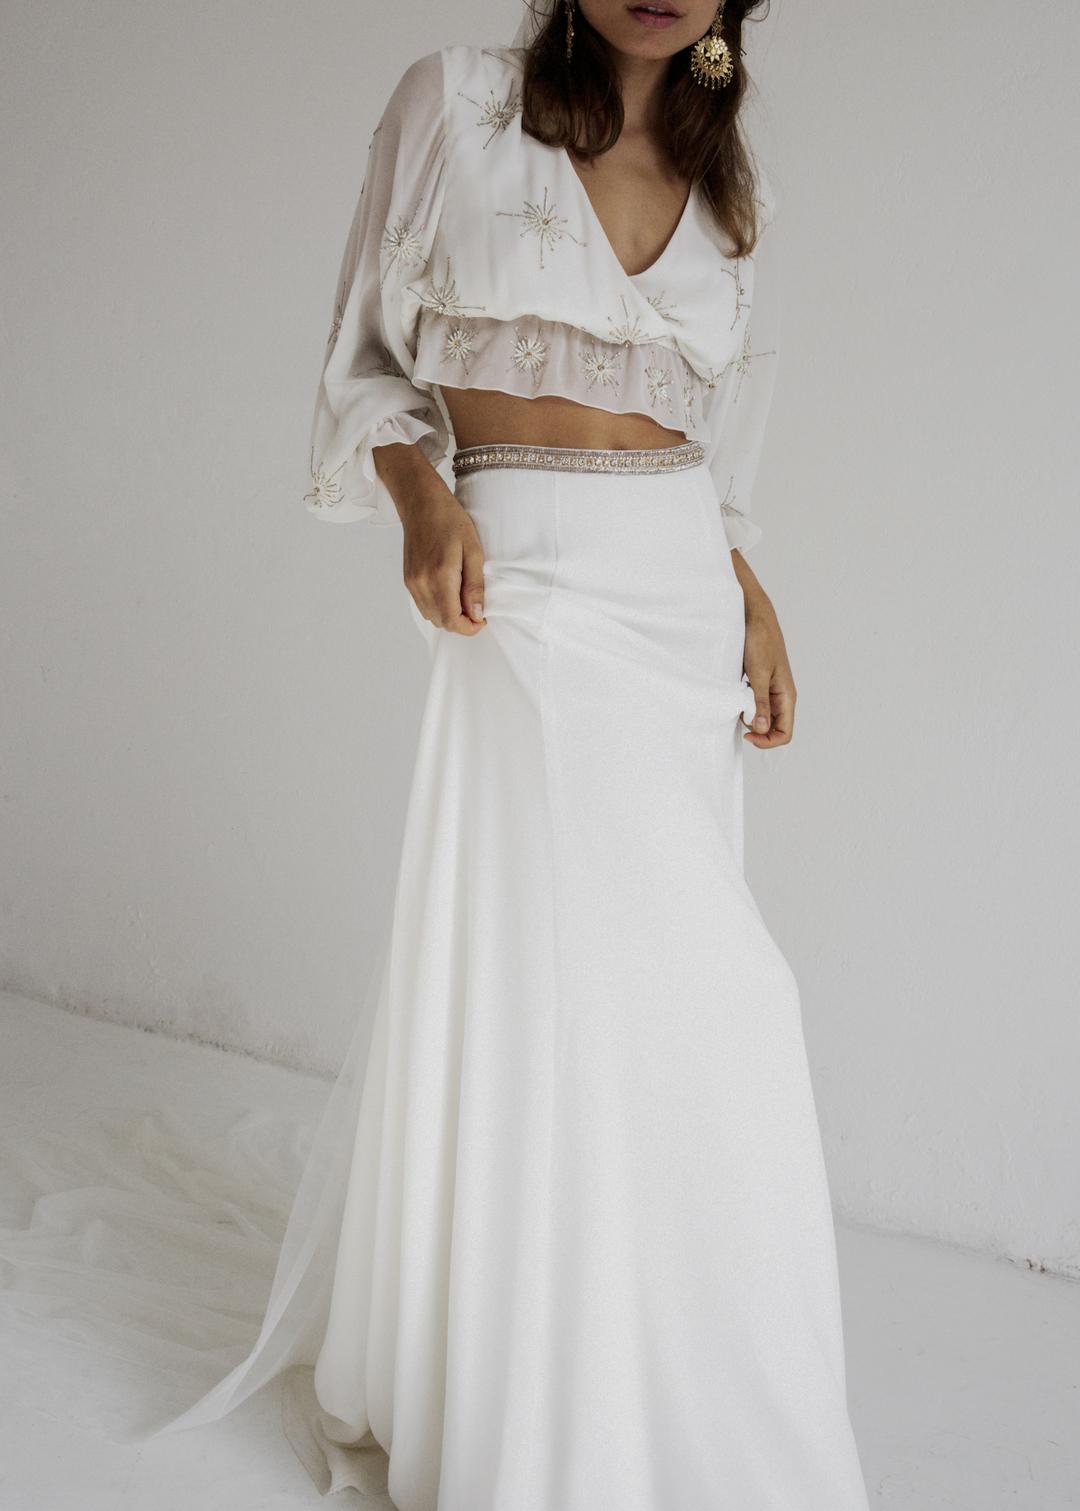 rita skirt dress photo